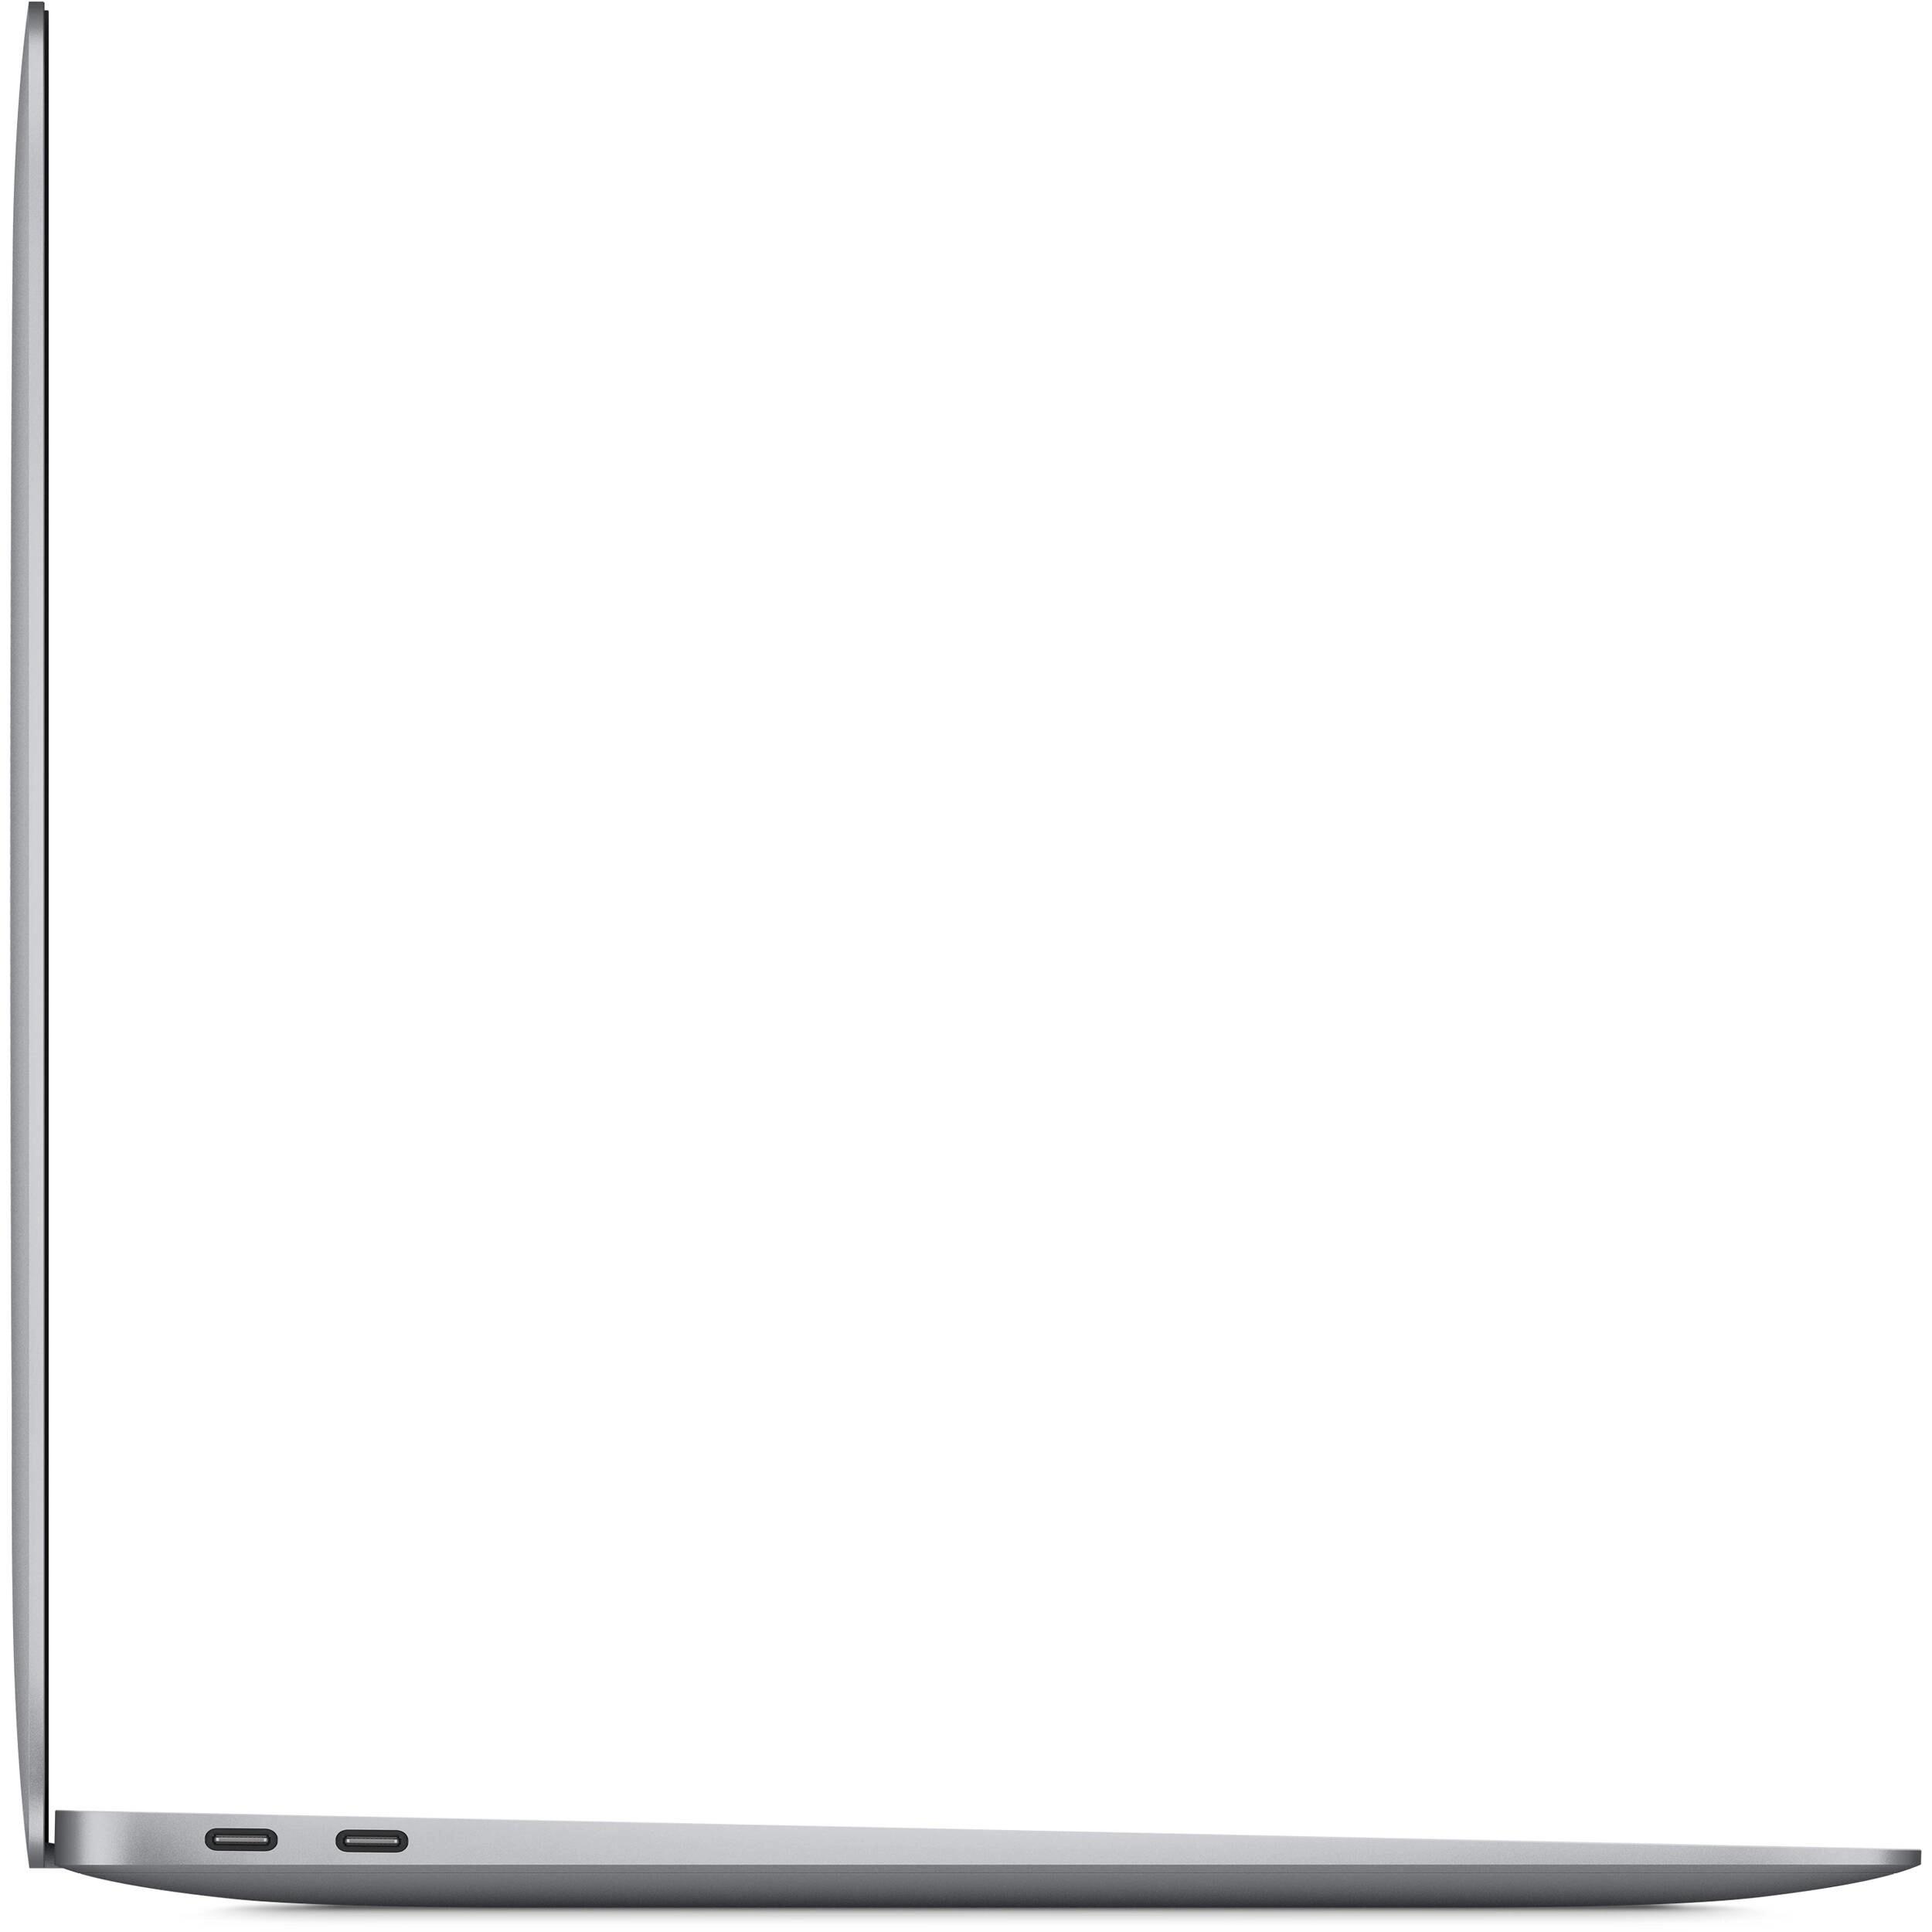 لپ تاپ 13 اینچی اپل مدل MacBook Air MGN63 2020